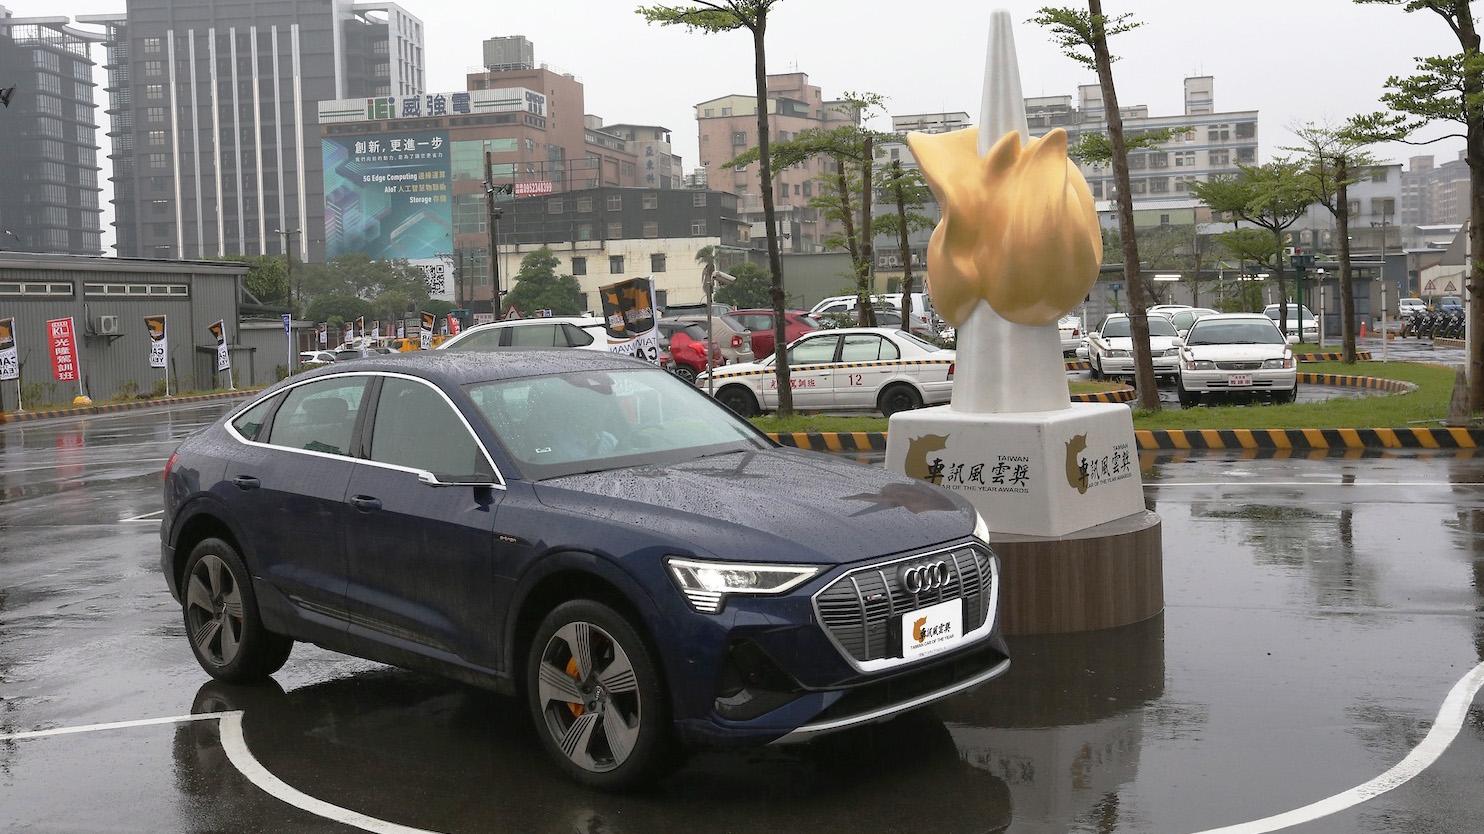 ▲ 【2021車訊風雲獎】得獎名單出爐,Audi e-tron 最大贏家!